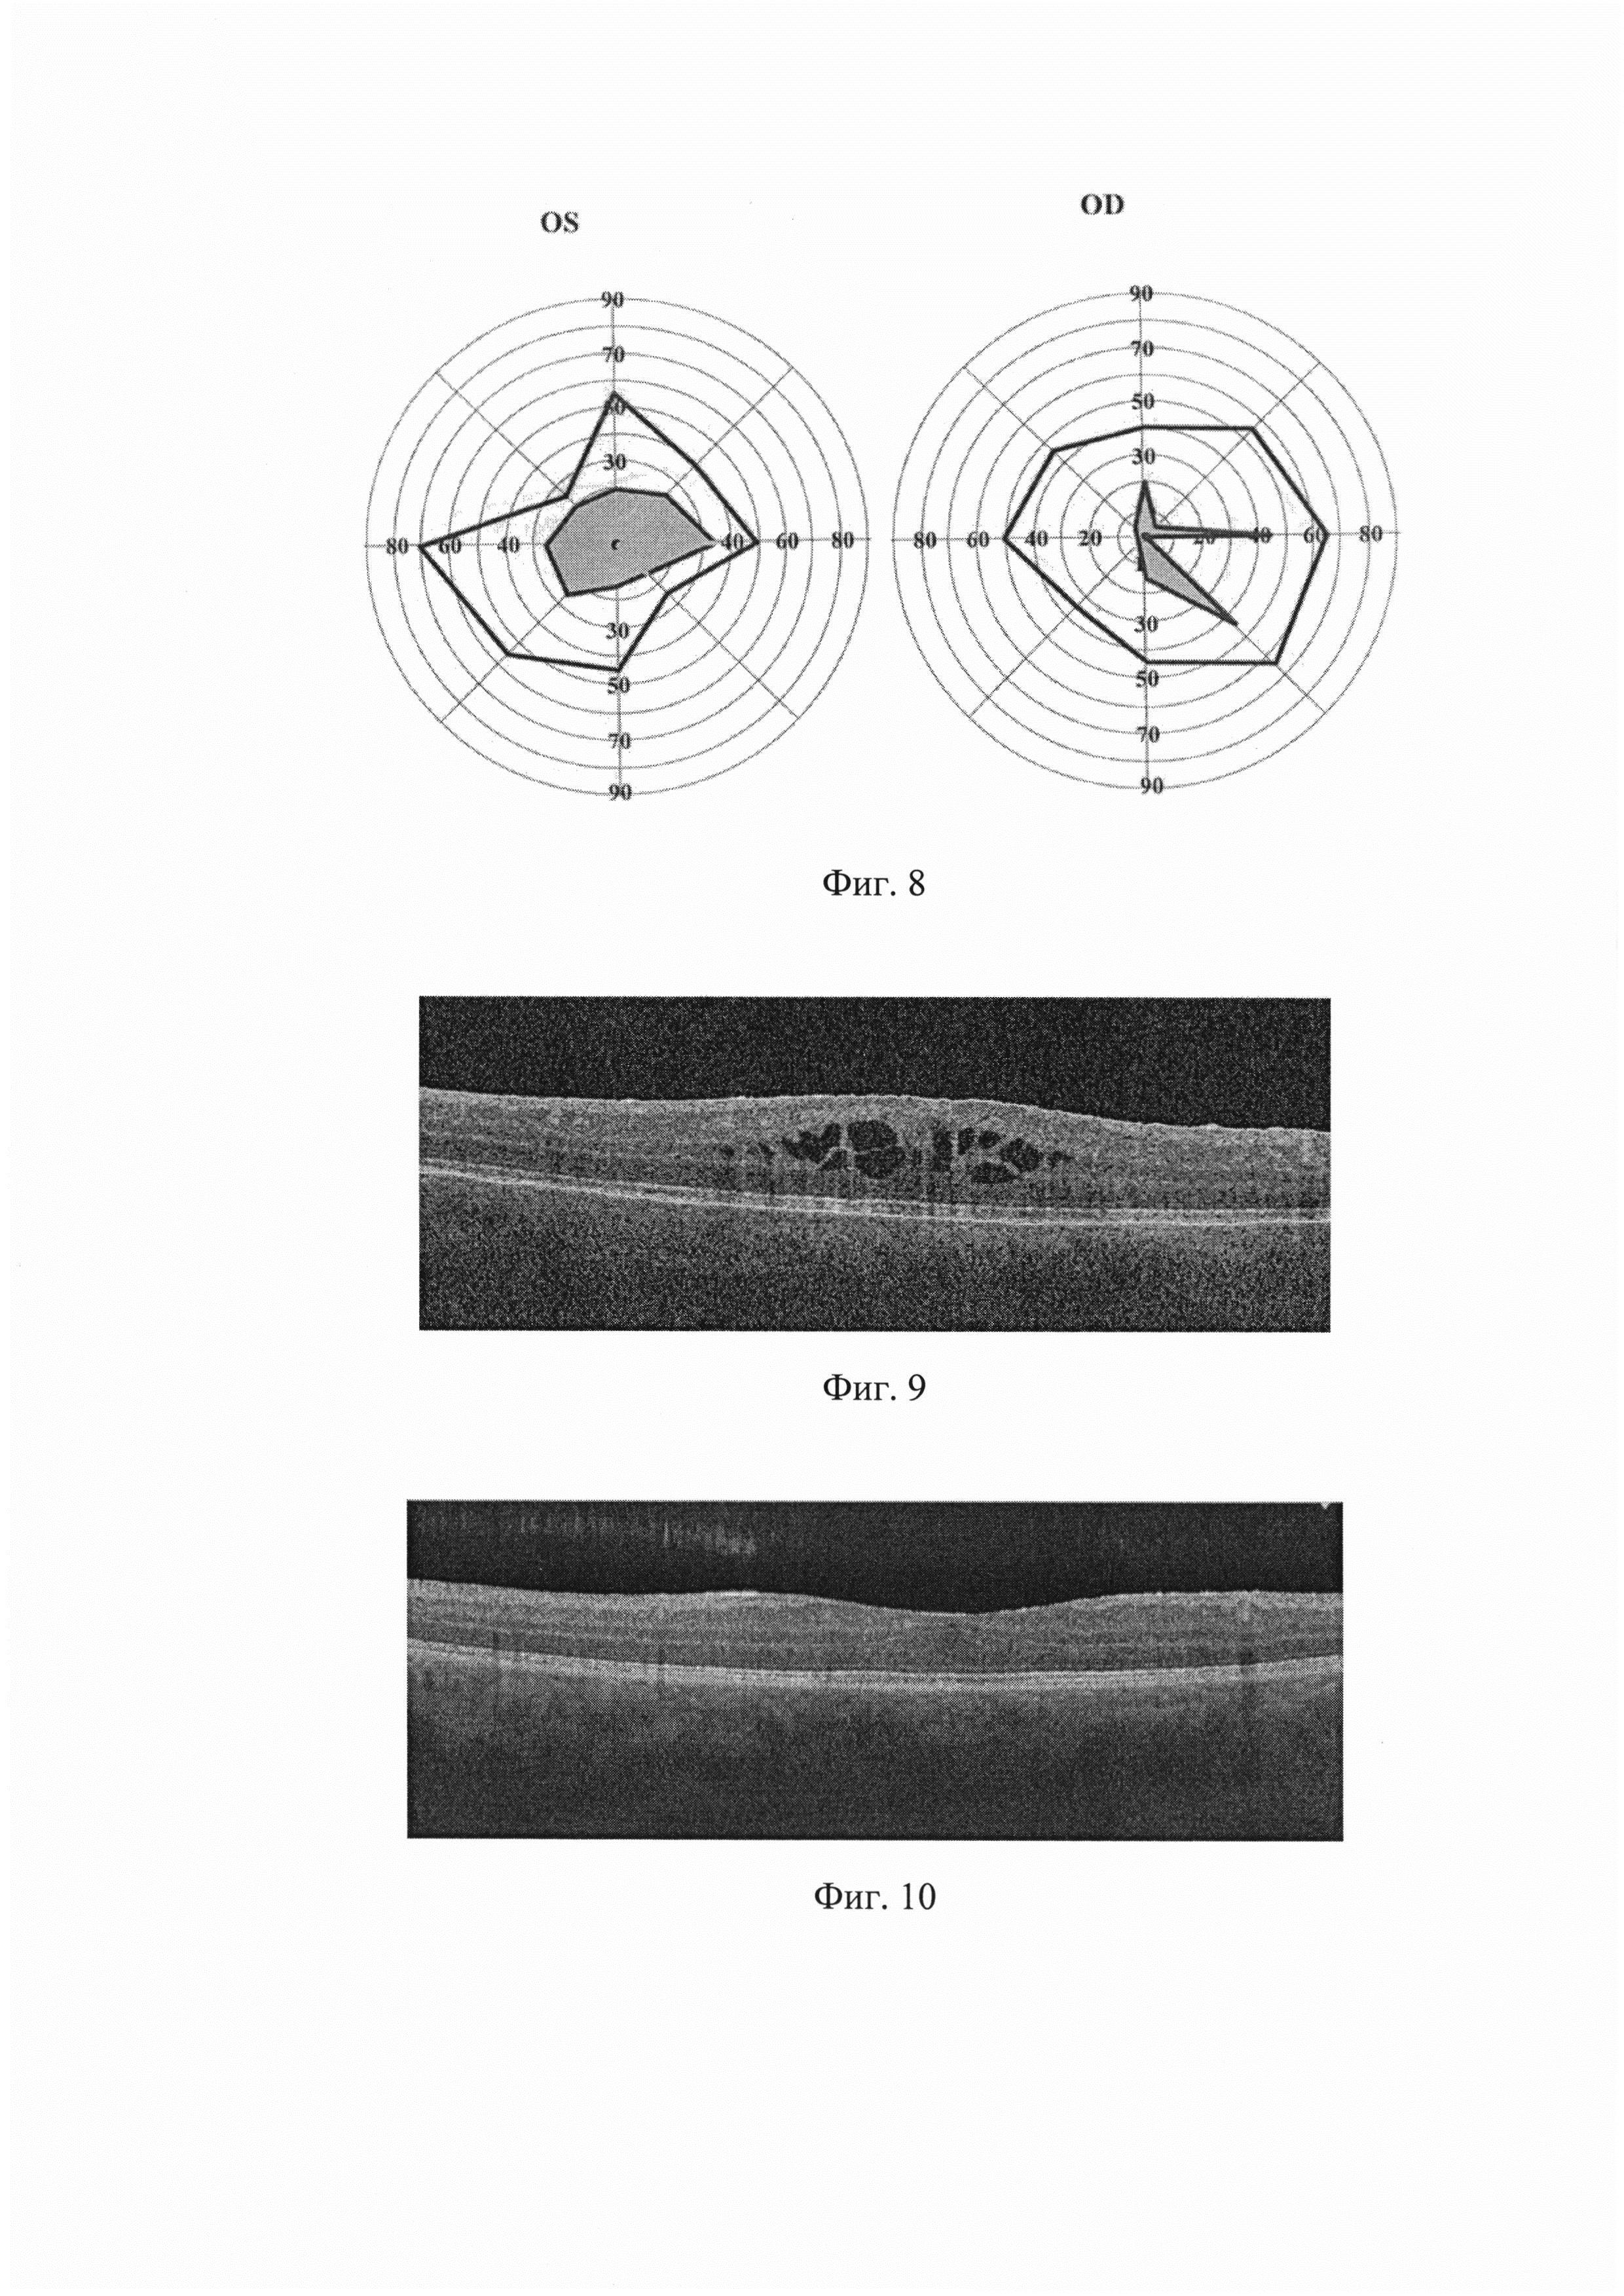 Способ лечения воспалительных или дистрофических заболеваний глаз